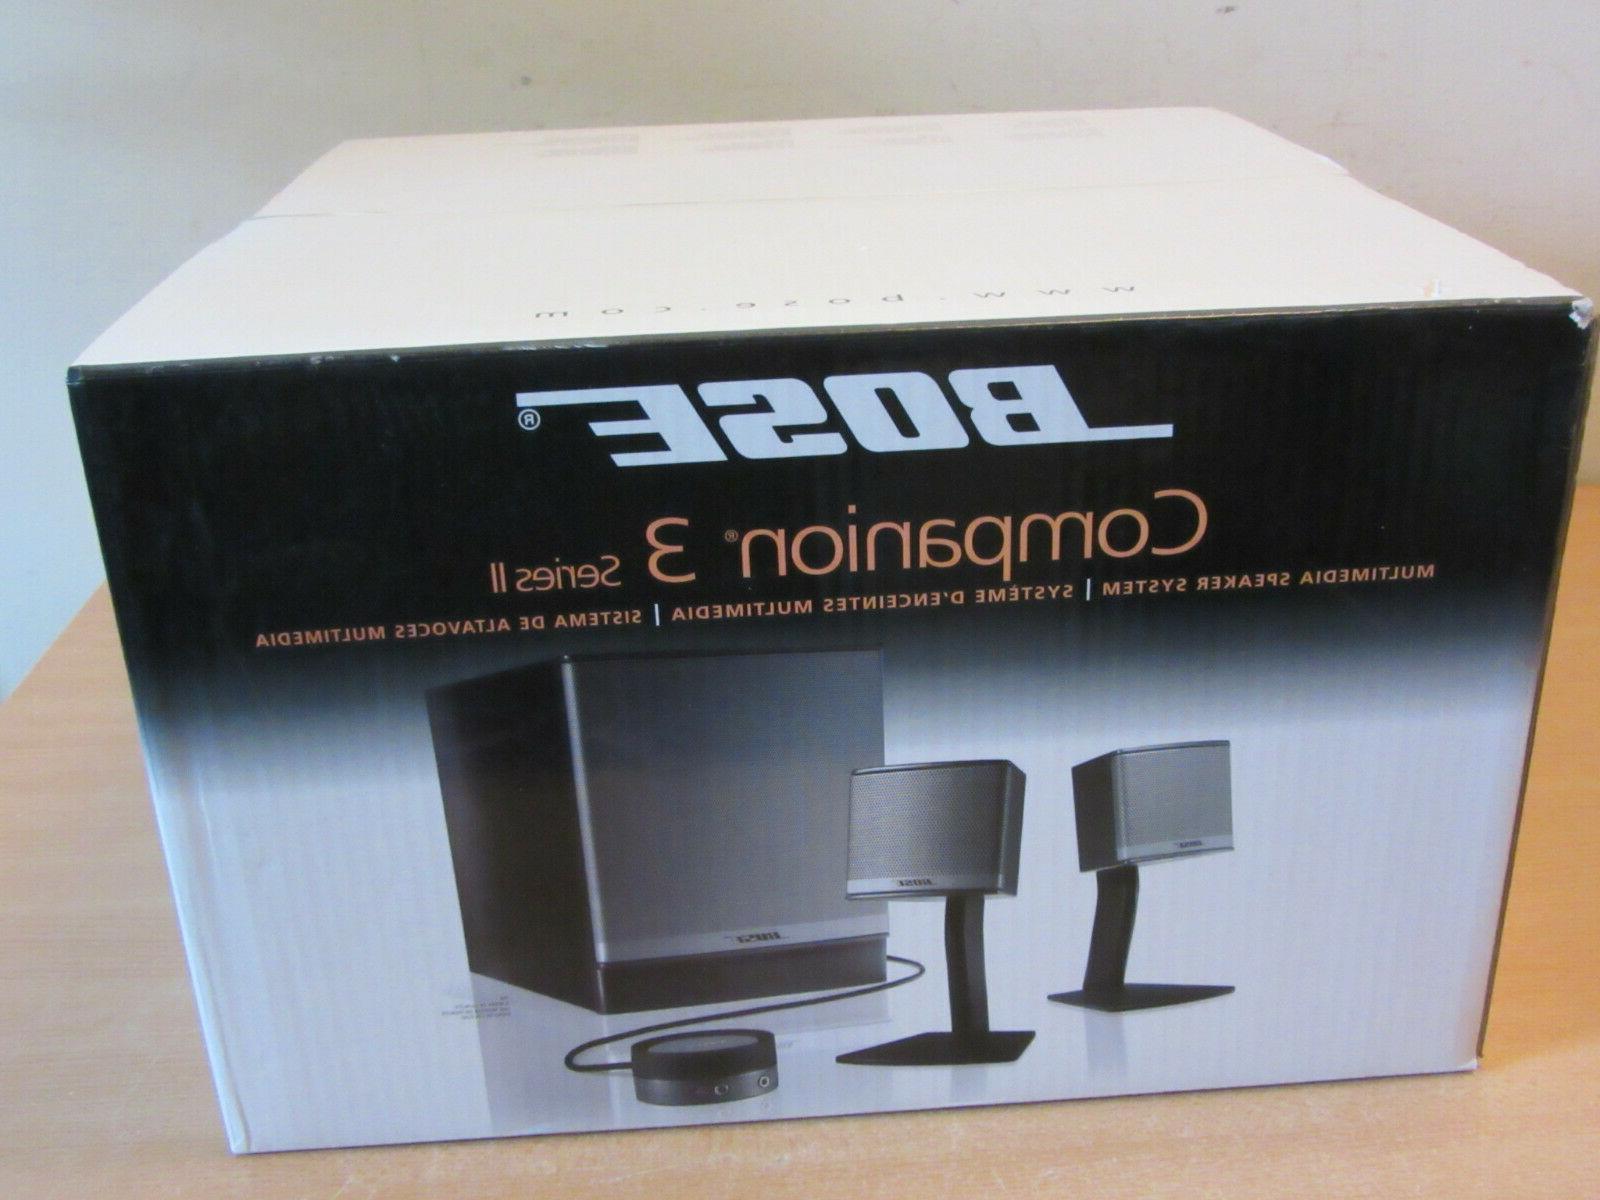 Bose 3 II multimedia speaker system